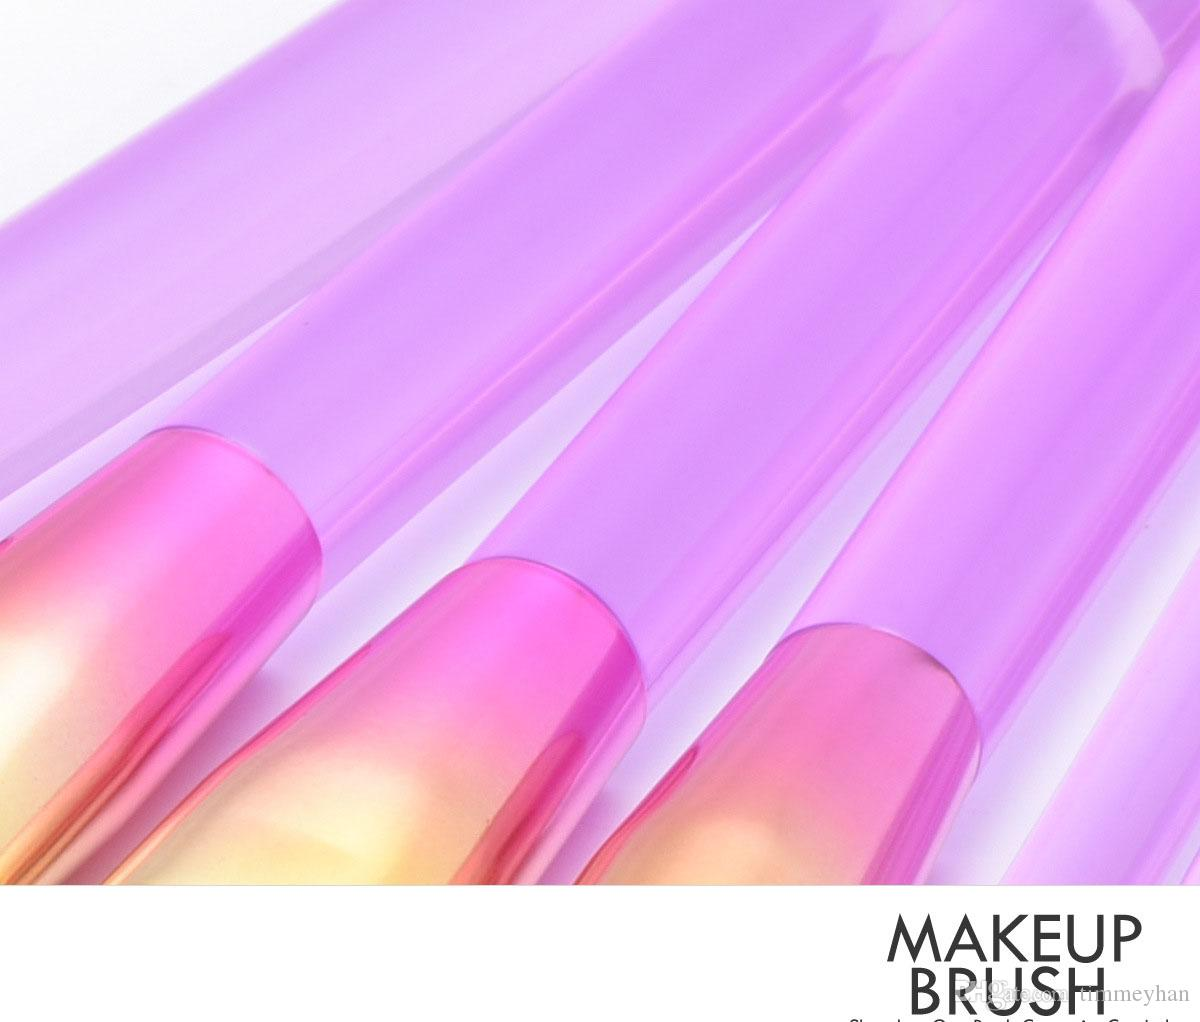 / set pinceaux de maquillage Set professionnel maquillage pinceau outils couleurs disponibles fantasy sourcil eyeliner blush blending contour